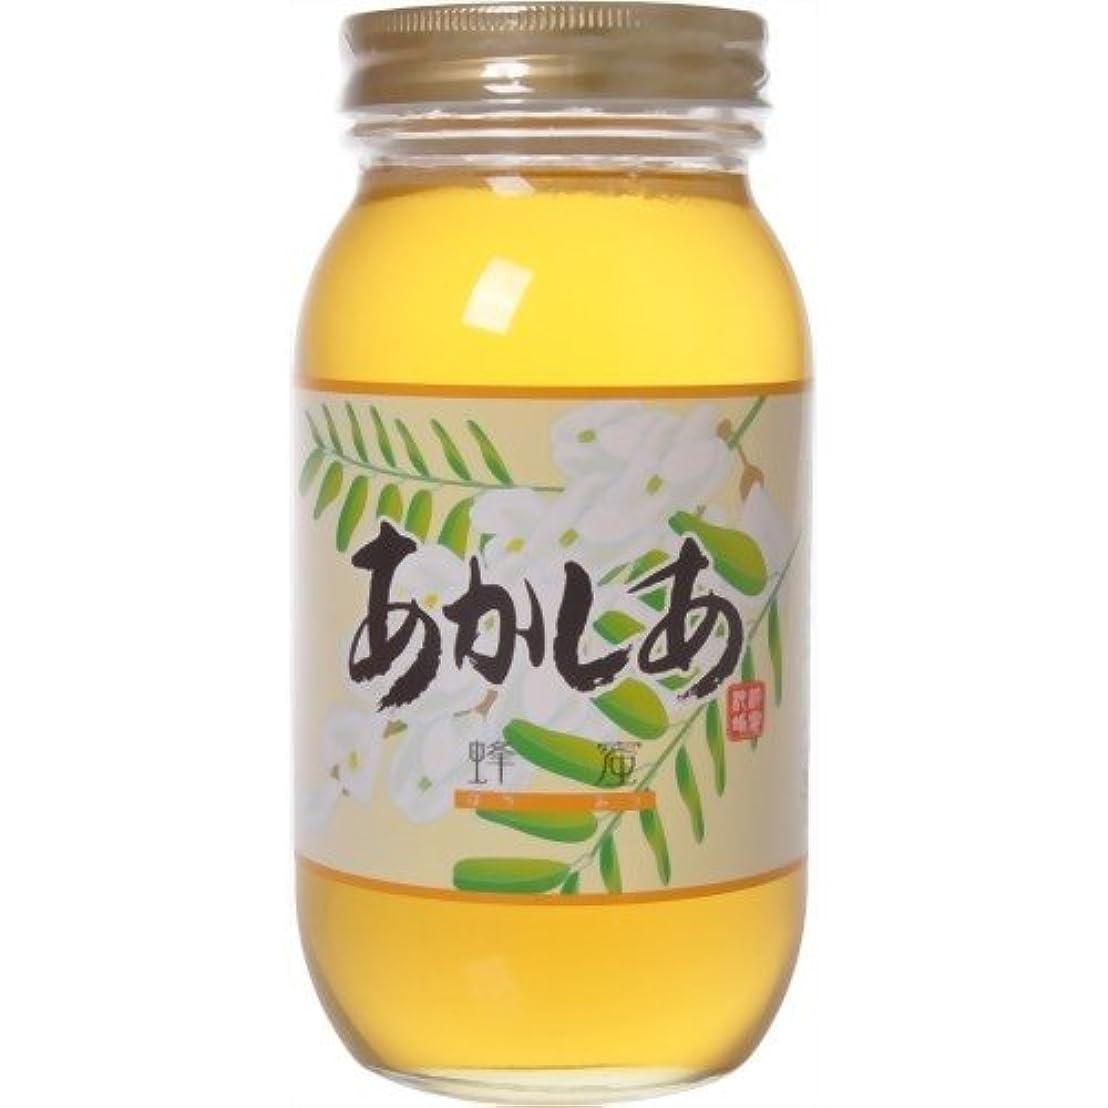 休憩ストリップ目覚める藤井養蜂場 中国産アカシアはちみつ 1kg